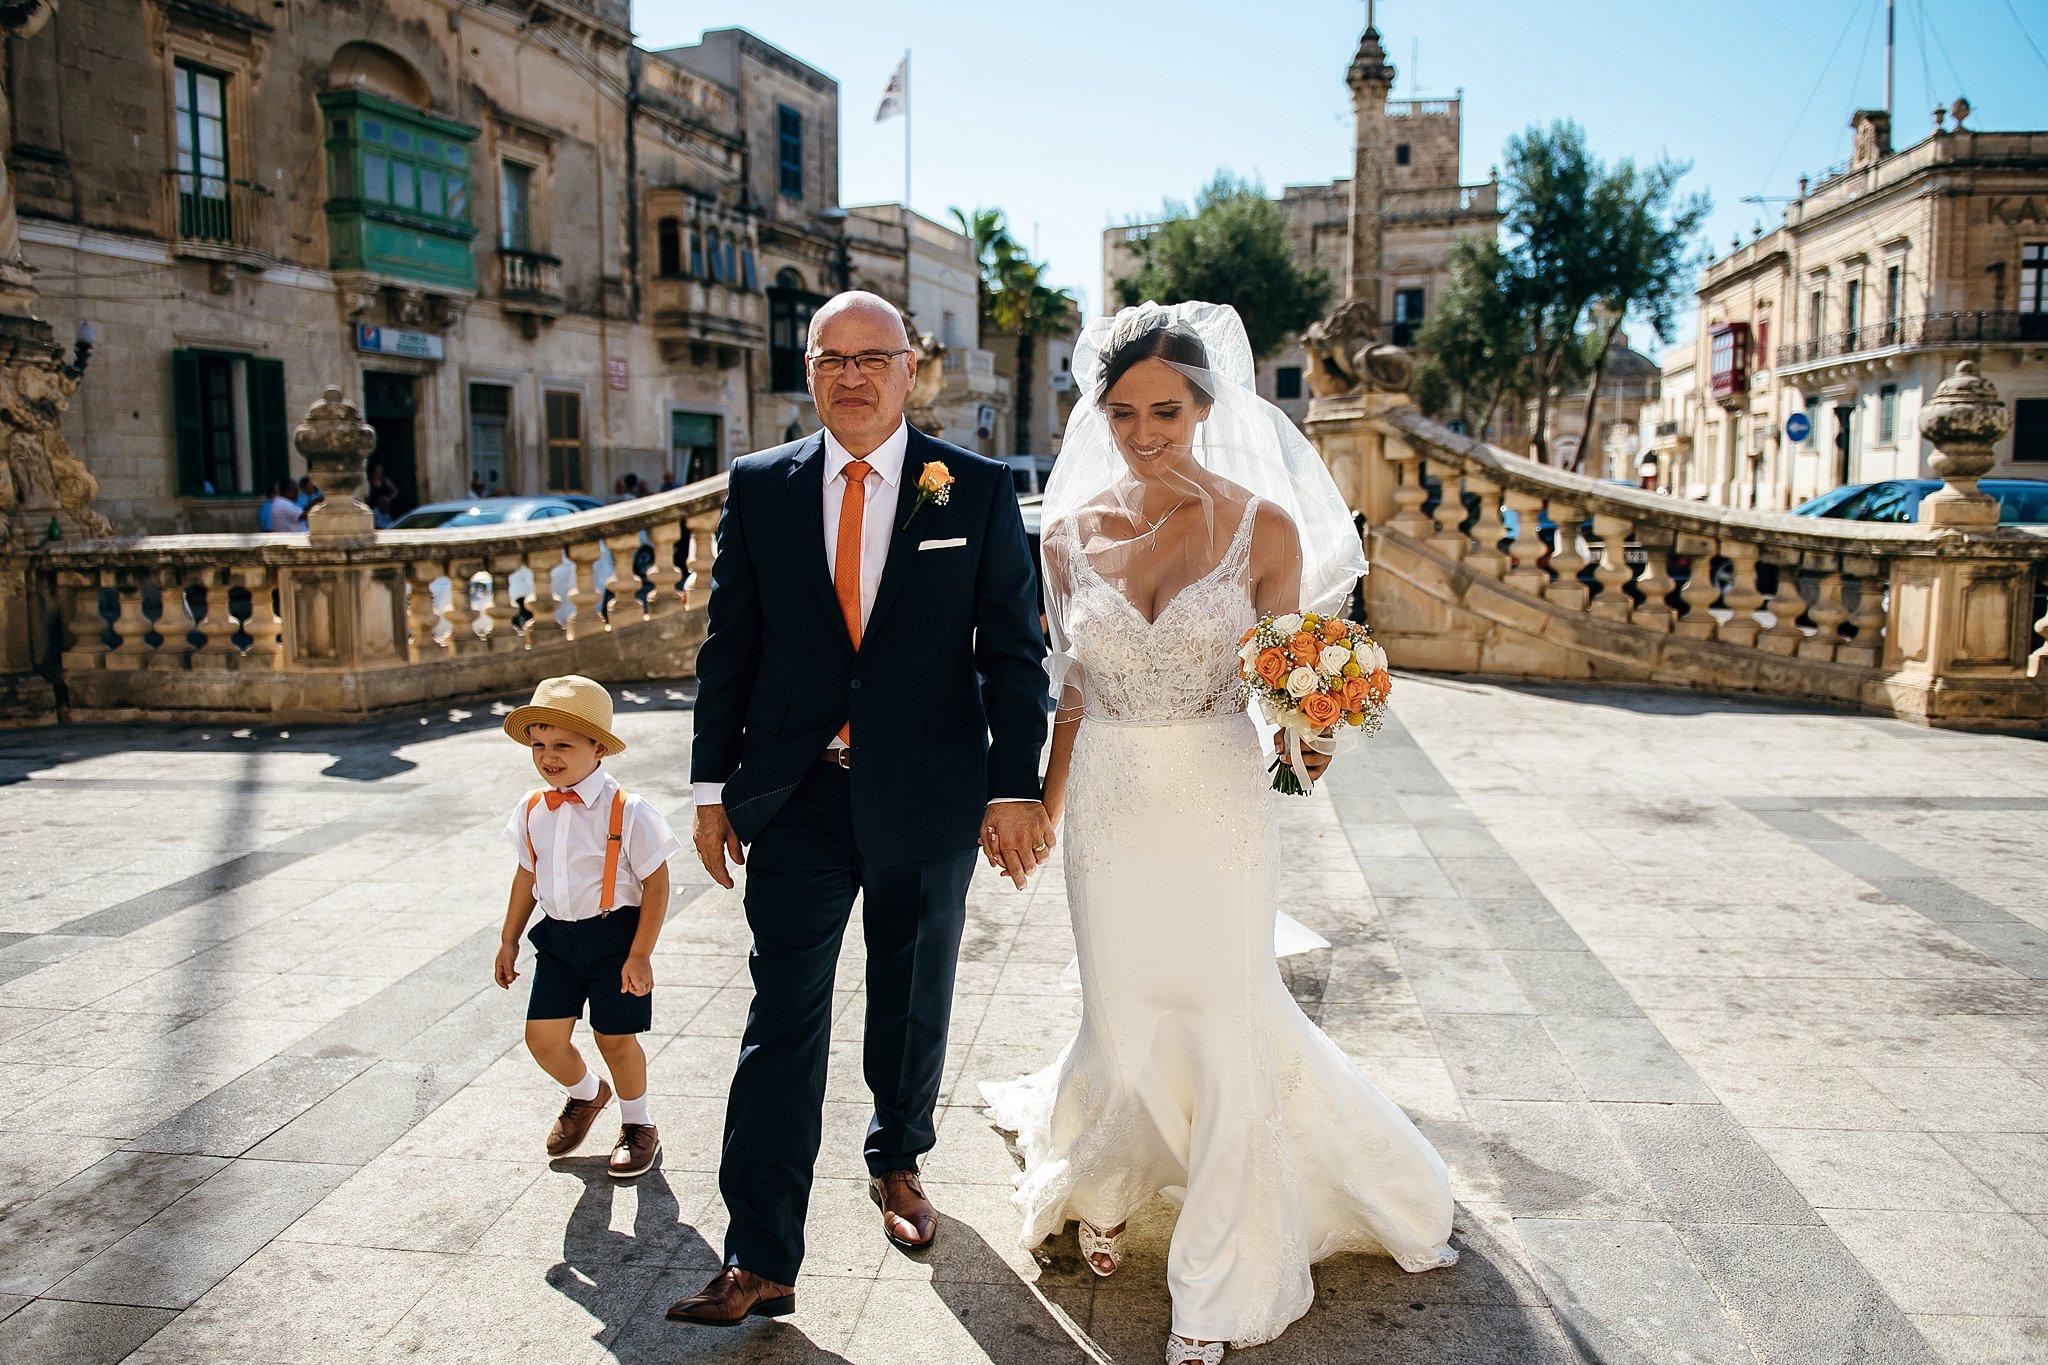 Brenda & Ben   Villa Bologna Attard   Wedding Photography Malta   Shane P. Watts Photography